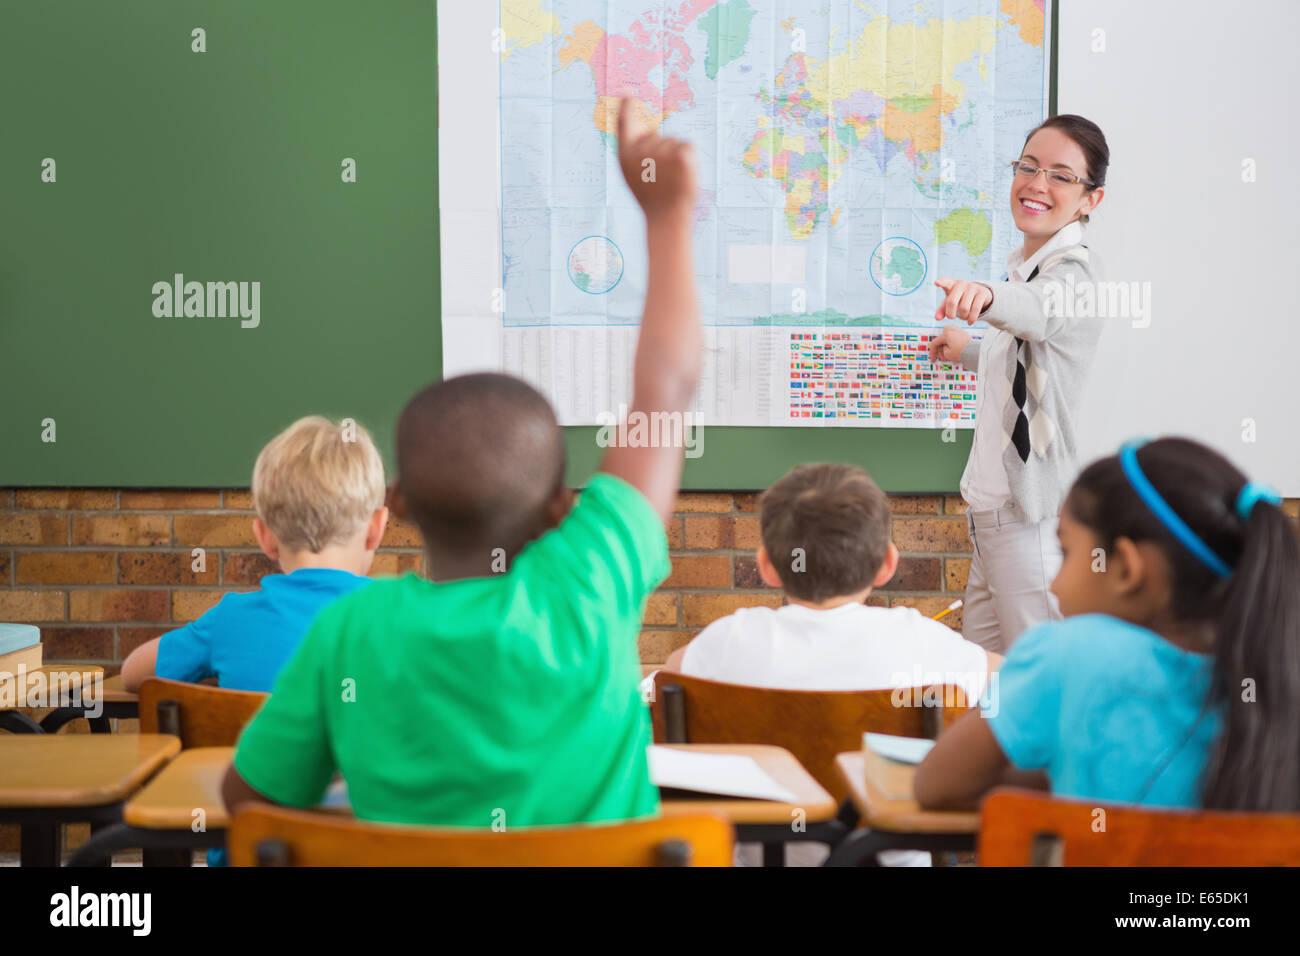 Alumno levantando la mano en el aula Imagen De Stock